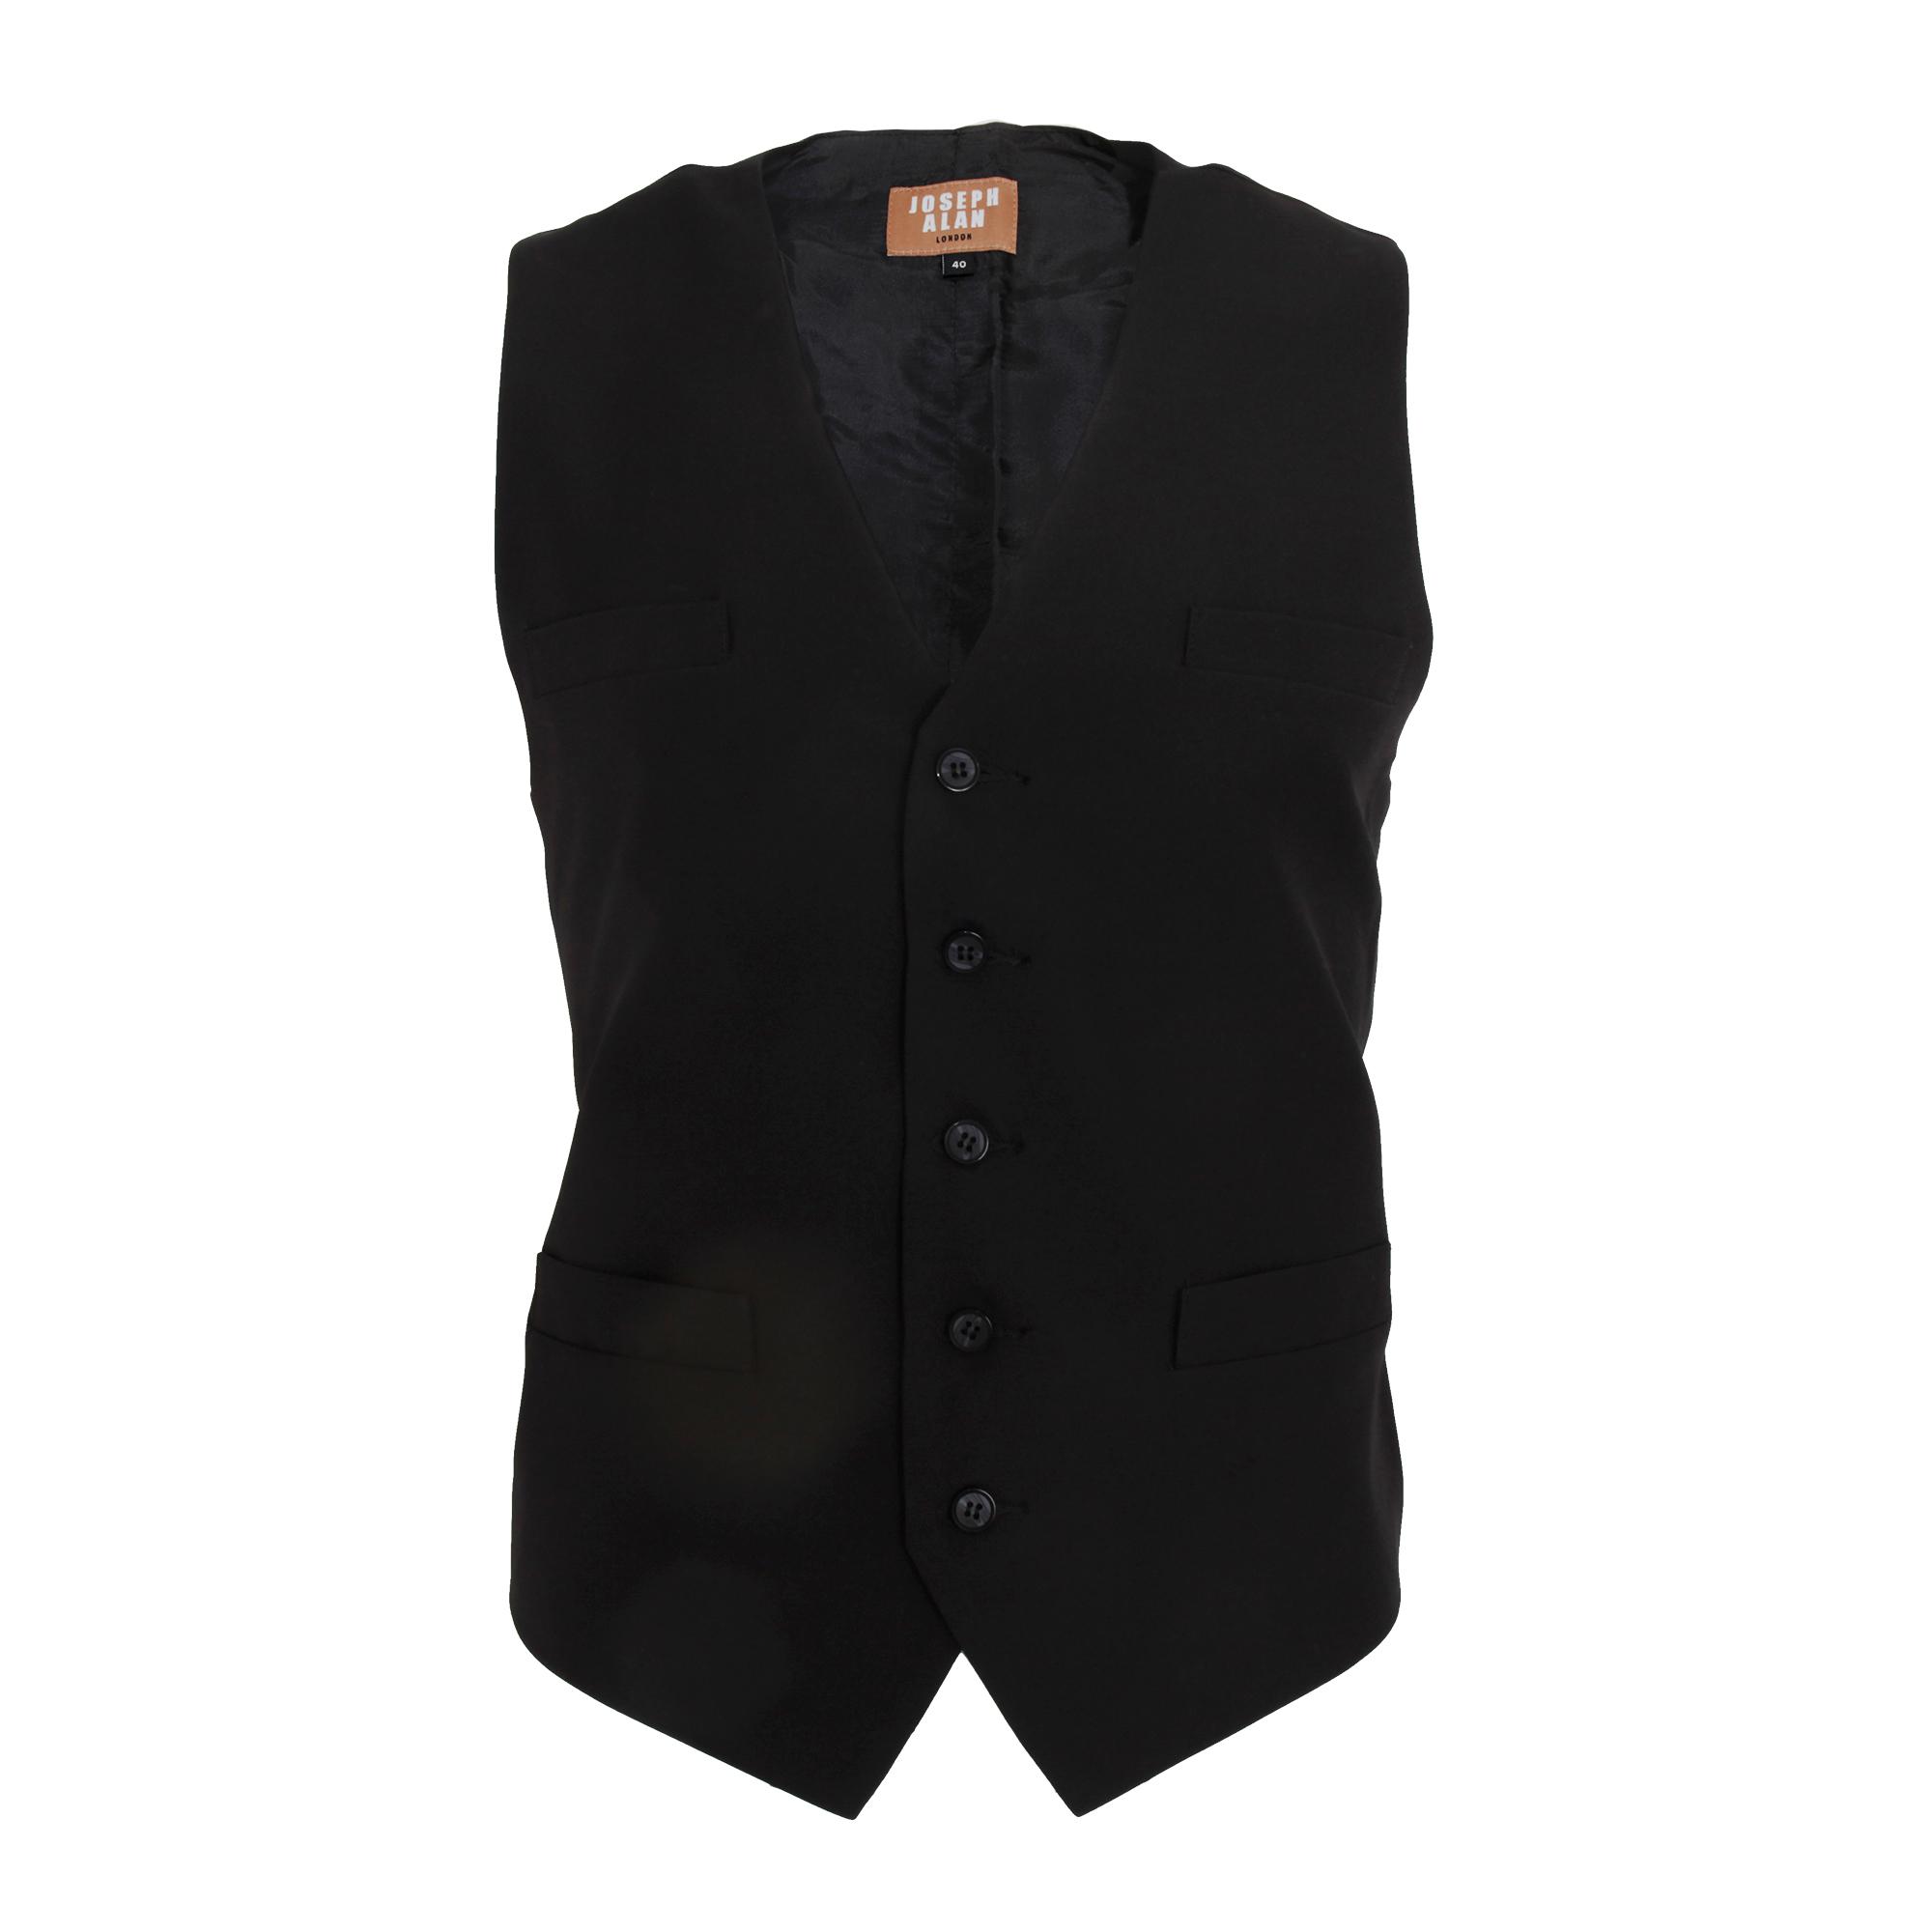 Dennys Joseph Alan Mens Plain Self Back Waistcoat (Pack of 2) (34in Chest) (Black)